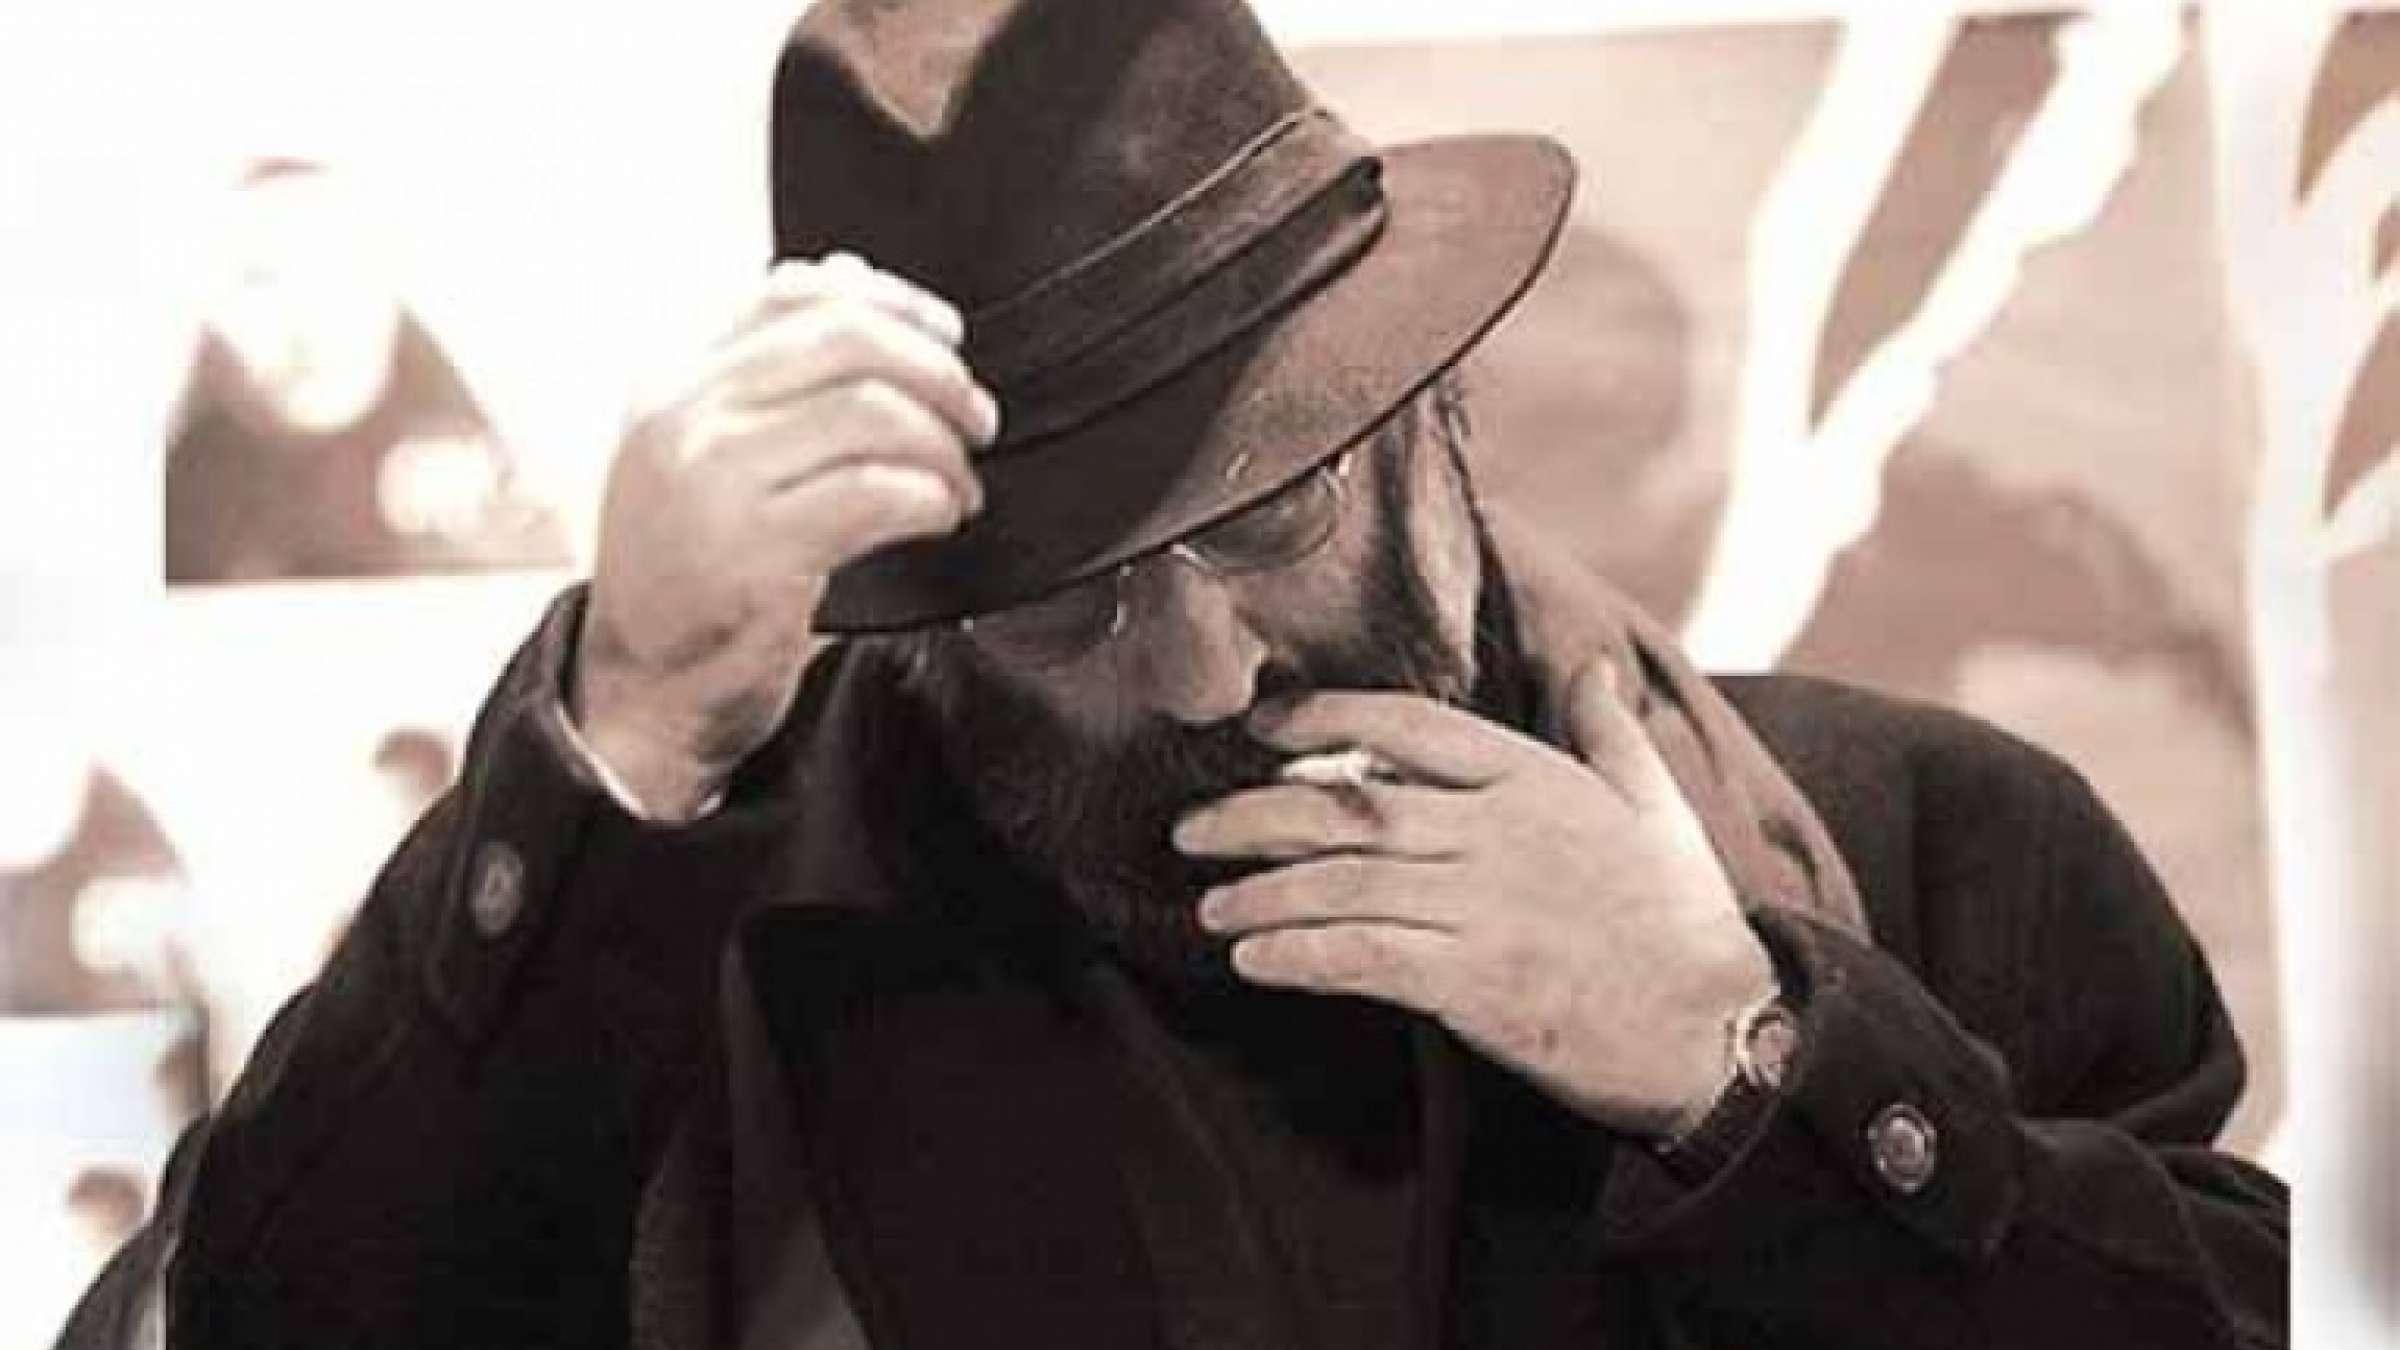 سالروز-تولد-خالق-قیصر-سینما-ایران-نگاهی-به-نیم-قرن-حضور-مسعود-کیمیایی-در-سینما-ایران